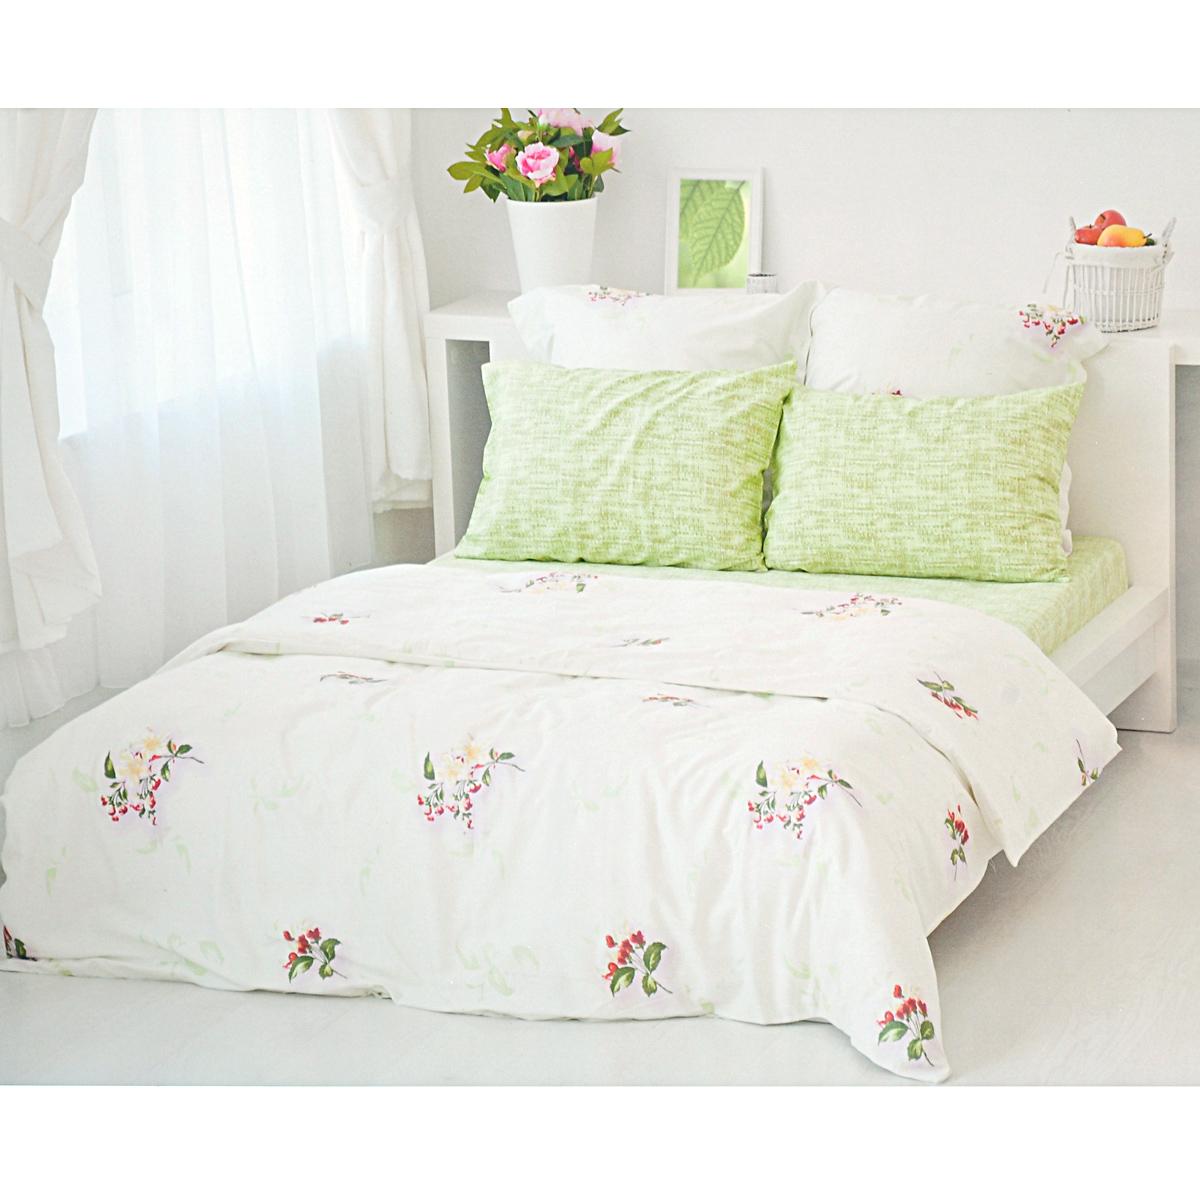 """Комплект постельного белья Tete-a-tete """"Цвет"""" является   экологически безопасным для всей семьи, так как выполнен из   сатина (100% натурального хлопка). Комплект состоит из   пододеяльника, простыни, четырех наволочек. Постельное   белье, оформленное ярким рисунком, послужит прекрасным   дополнением к интерьеру вашей спальной комнаты. Гладкая структура делает ткань приятной на ощупь, мягкой и   нежной, при этом она прочная и хорошо сохраняет форму.   Ткань легко гладится, не линяет и не садится.  Комплект постельного белья Tete-a-tete """"Цвет"""" станет   отличным дополнением вашего интерьера и подарит   гармоничный сон.      Советы по выбору постельного белья от блогера Ирины Соковых. Статья OZON Гид"""